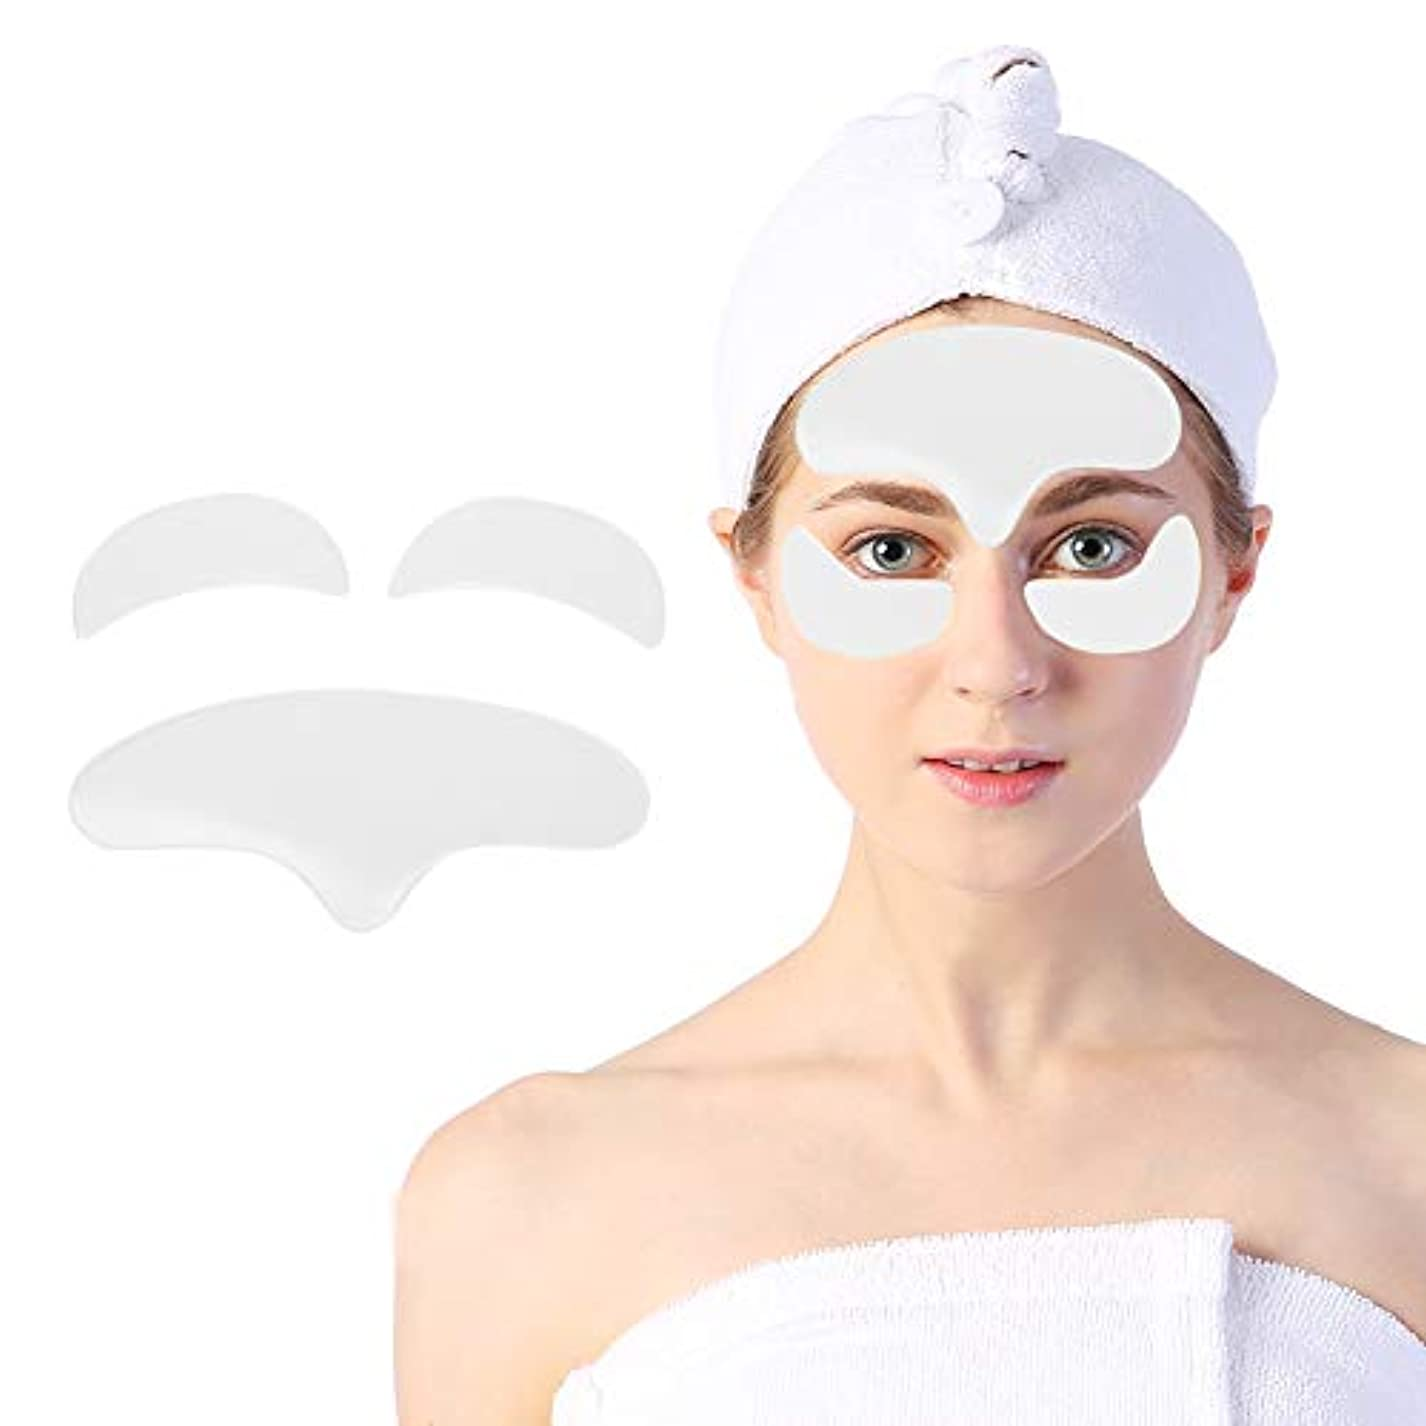 押すアミューズ特性顔用アンチリンクルパッド、顔面および目の皮膚を持ち上げて引き締めるための再利用可能なシリコーン肌のリラクゼーションパッチ